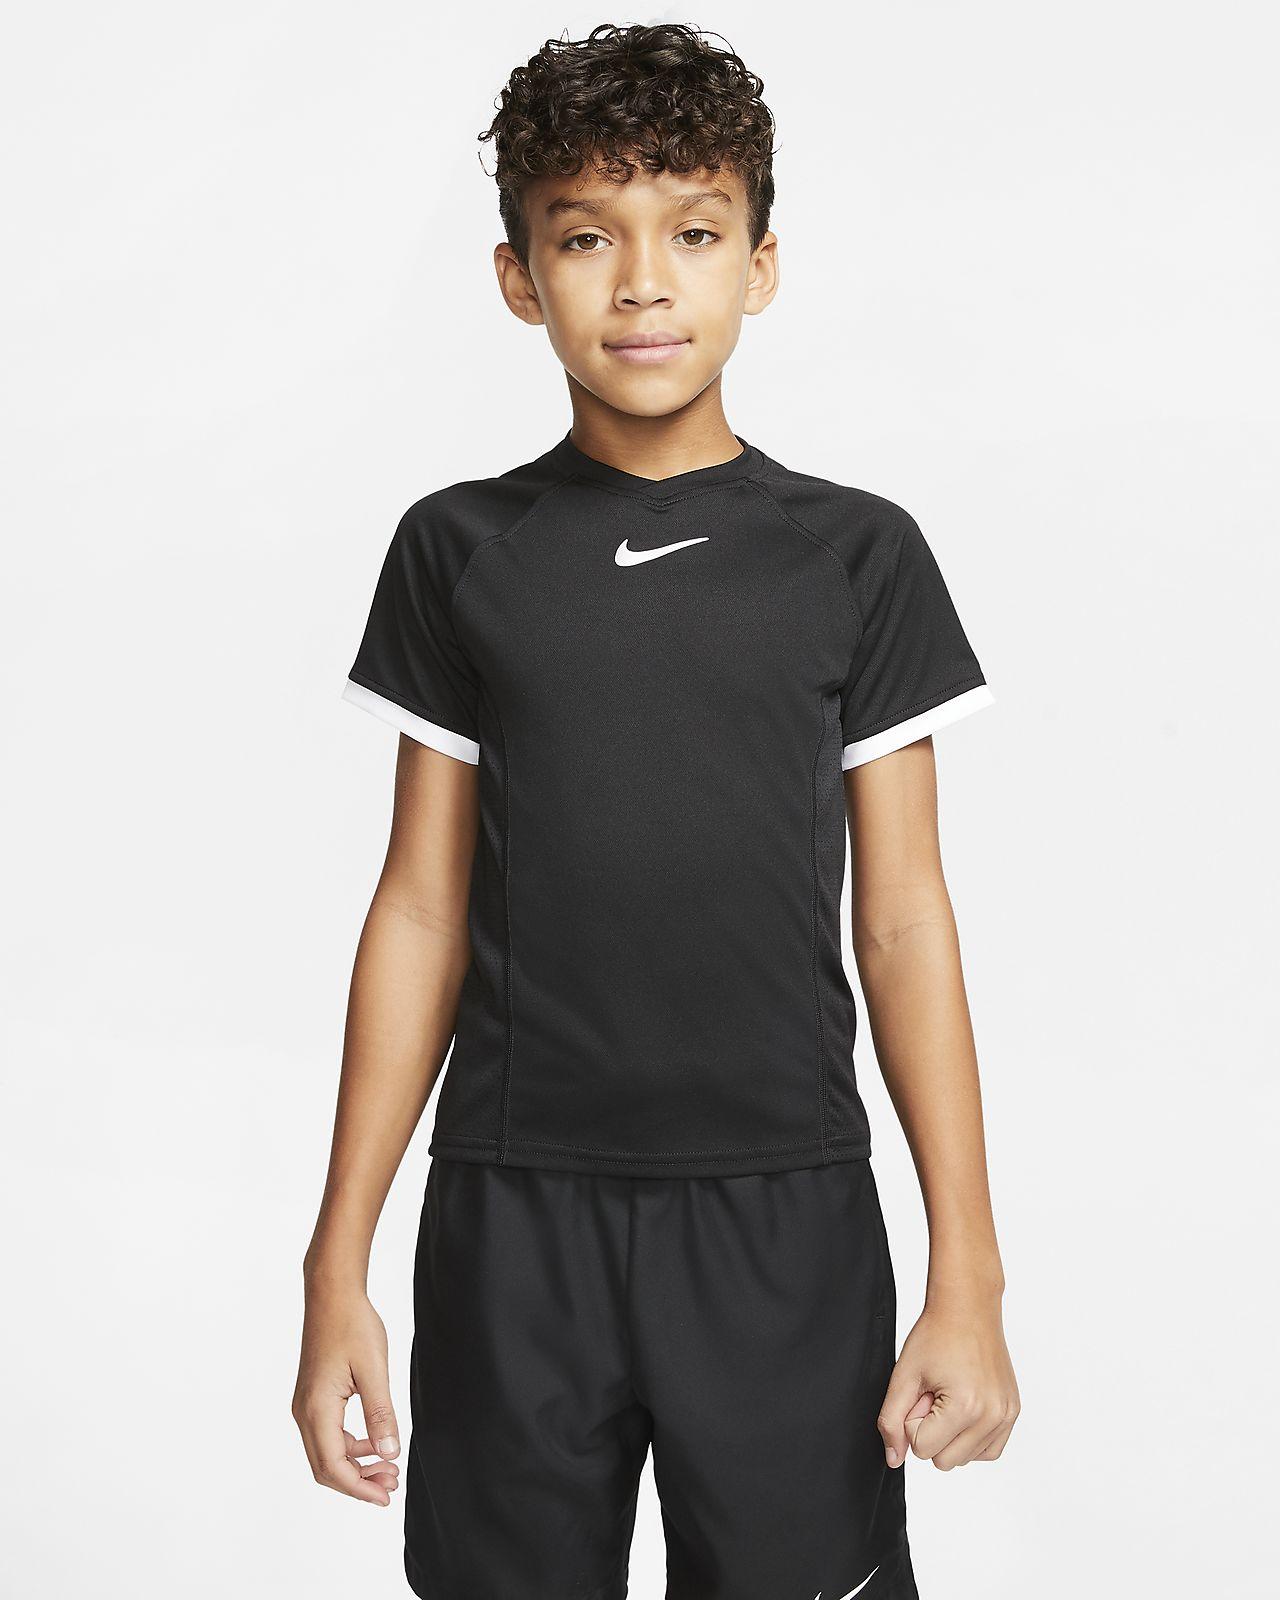 Tenisové tričko NikeCourt Dri-FIT skrátkým rukávem pro větší děti (chlapce)